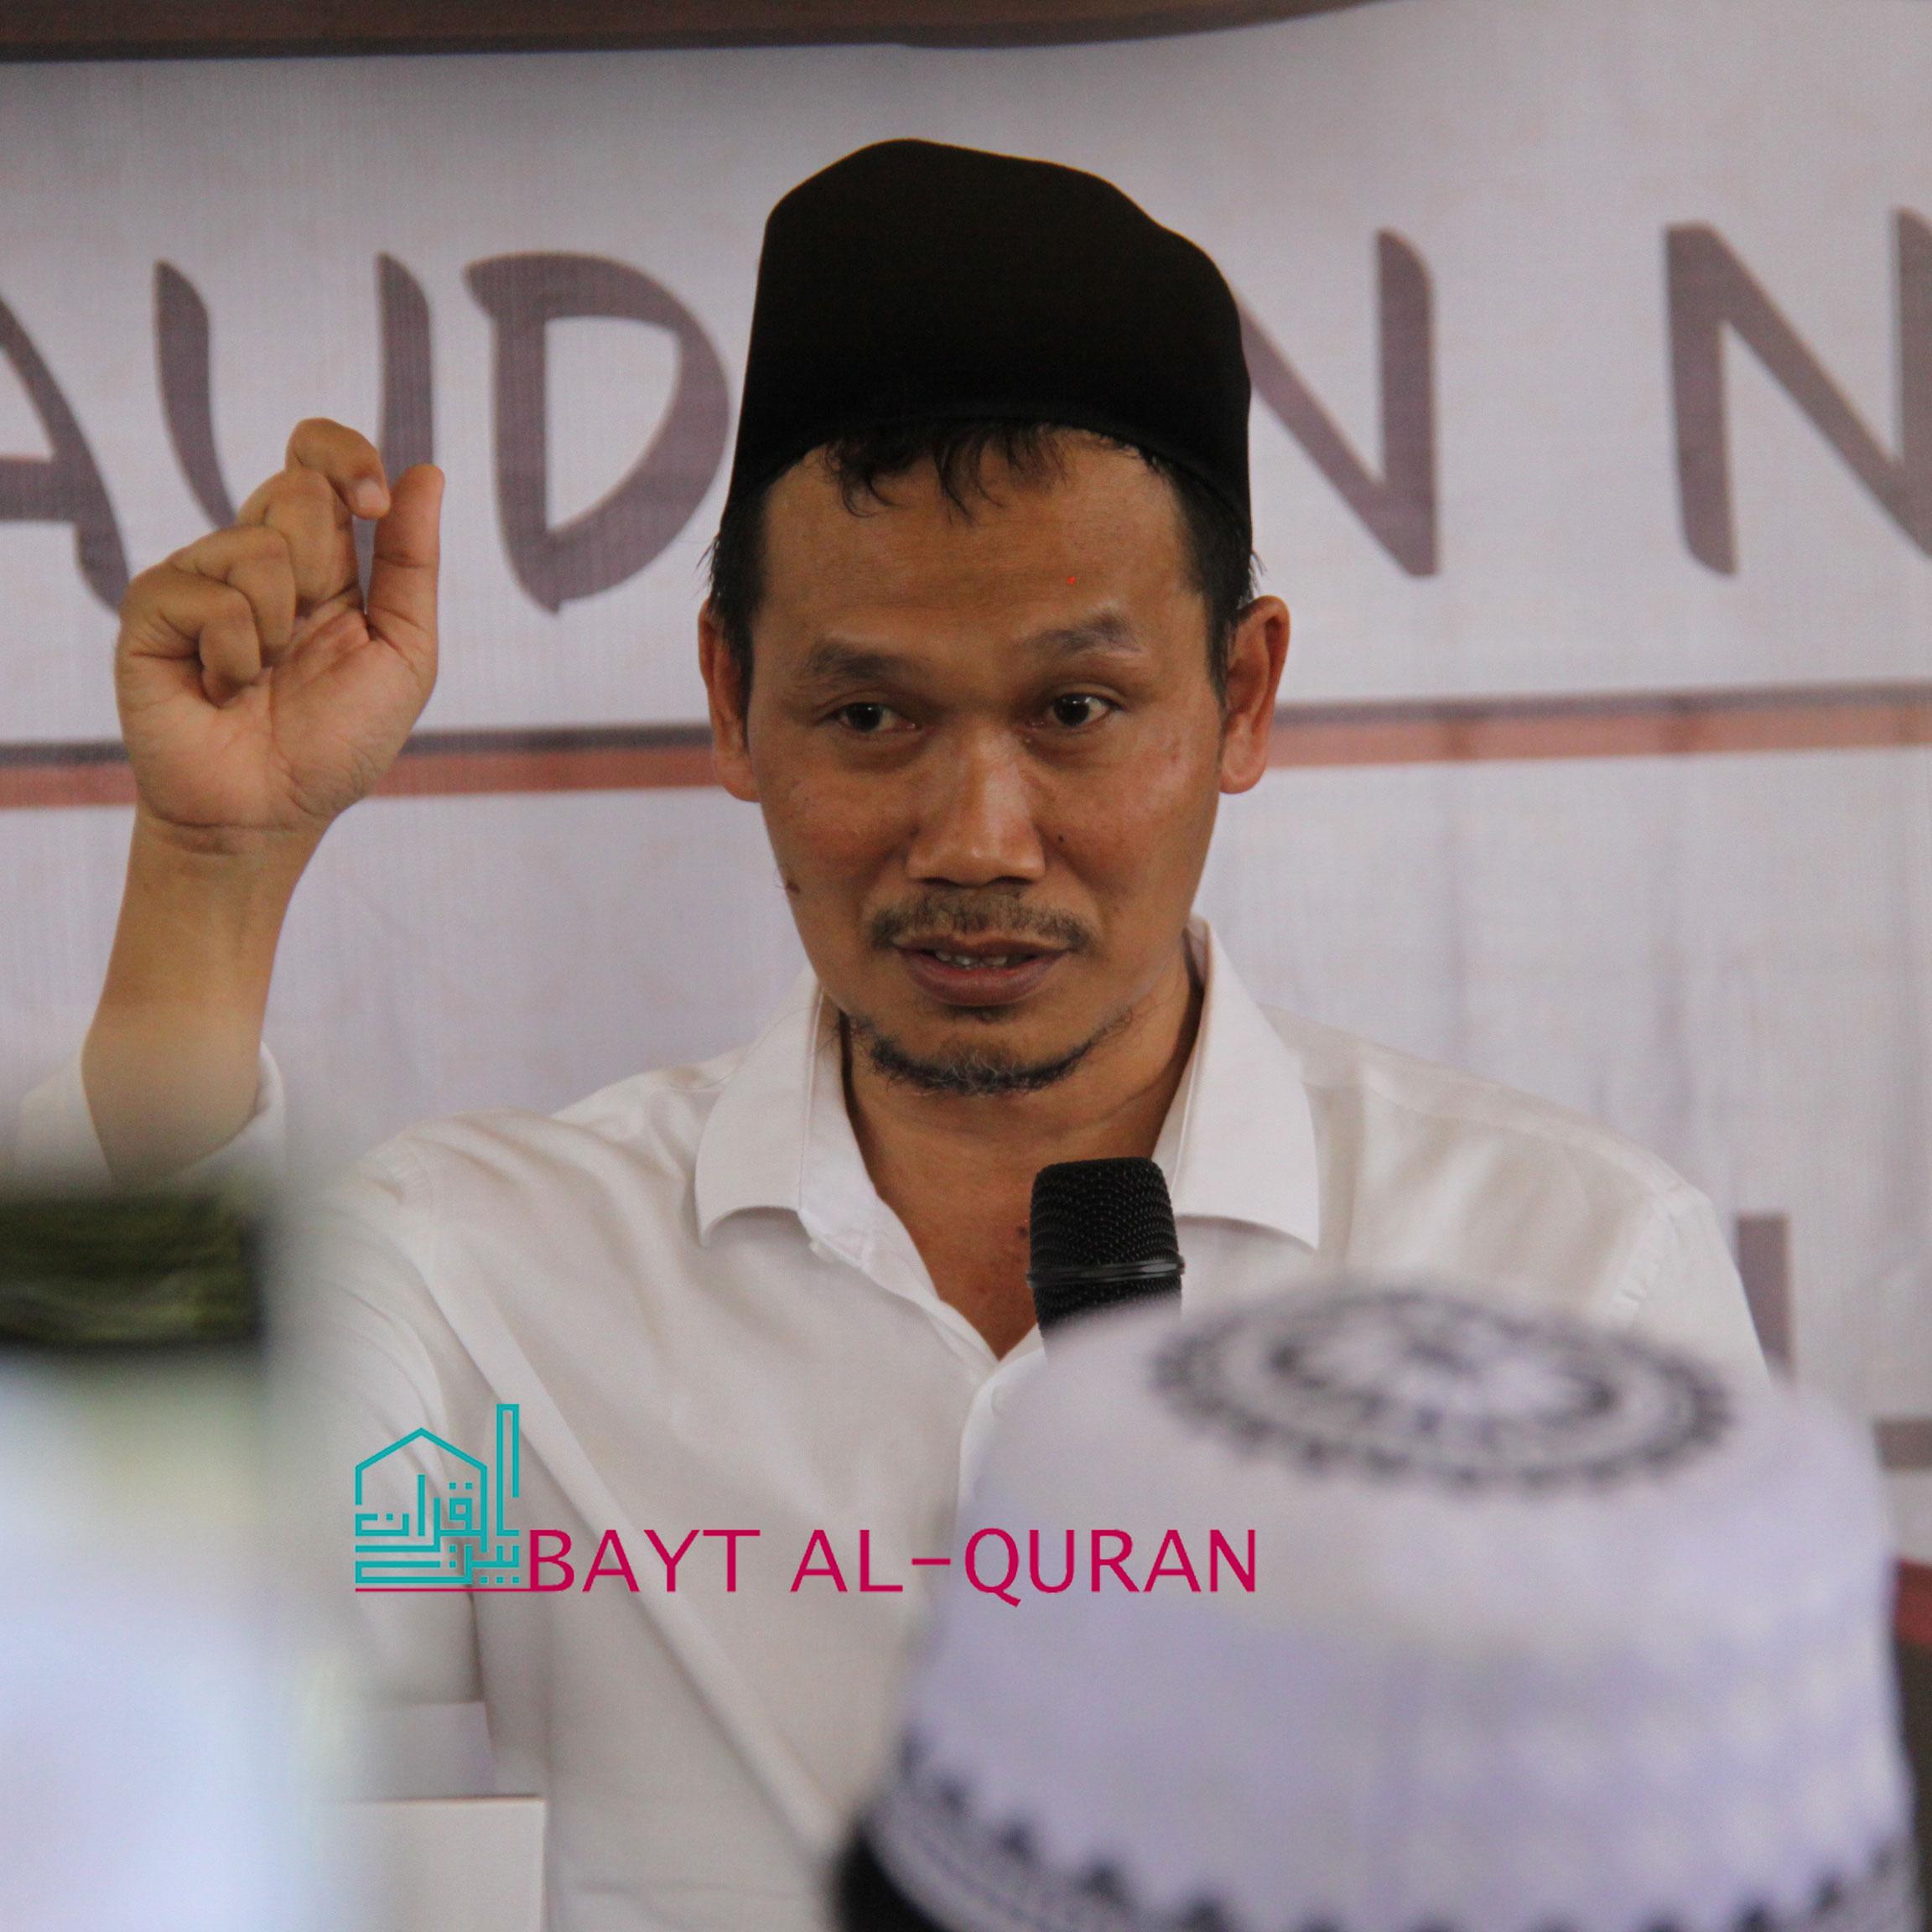 Bayt Al-Quran Gelar Ngaji Bareng Gus Baha'